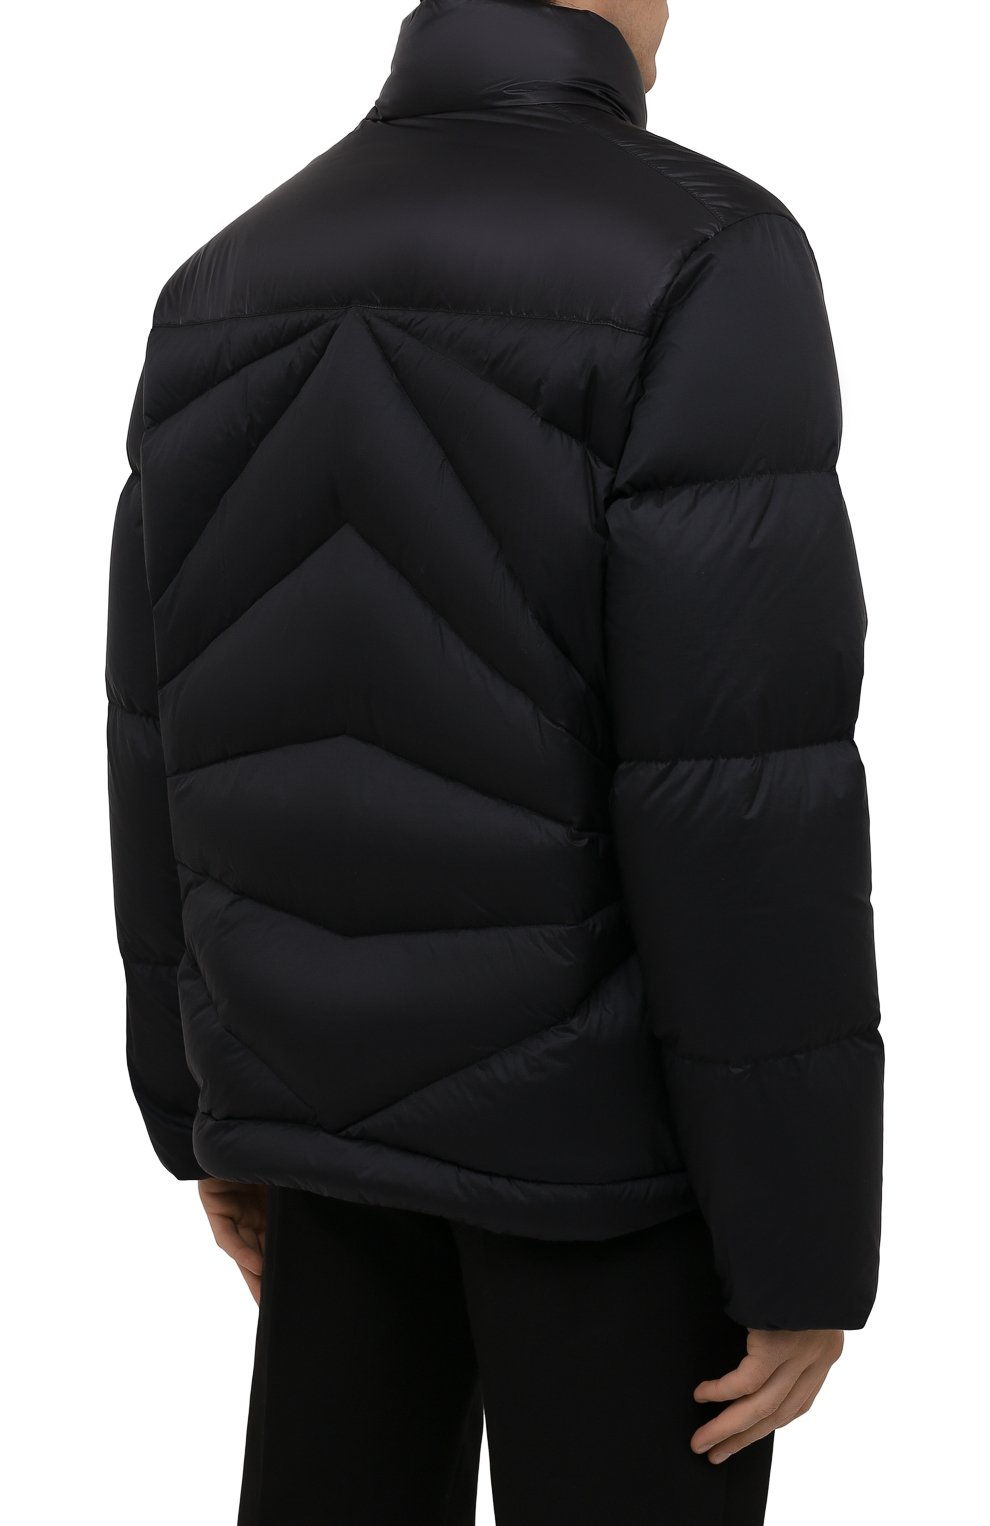 Мужская пуховая куртка tama 2 moncler 1952 MONCLER GENIUS черного цвета, арт. G2-092-1A000-30-595EV   Фото 4 (Кросс-КТ: Куртка; Мужское Кросс-КТ: пуховик-короткий; Рукава: Длинные; Материал внешний: Синтетический материал; Материал подклада: Синтетический материал; Длина (верхняя одежда): Короткие; Материал утеплителя: Пух и перо)